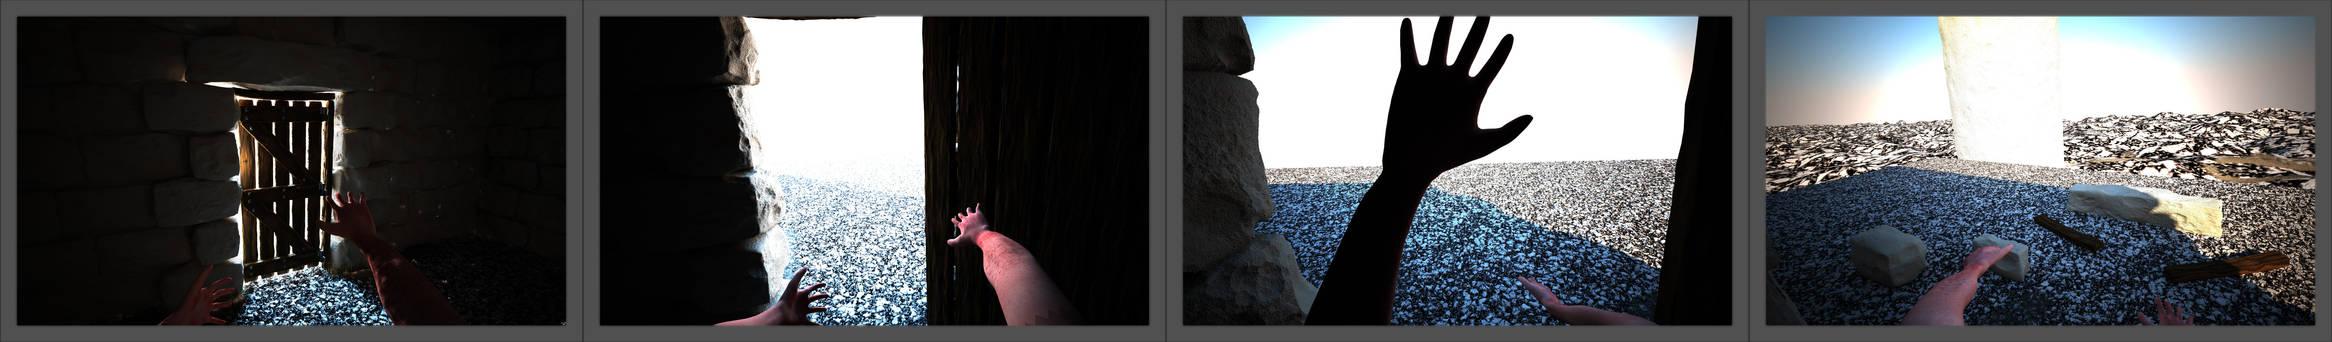 Rock Door Frames Prototype